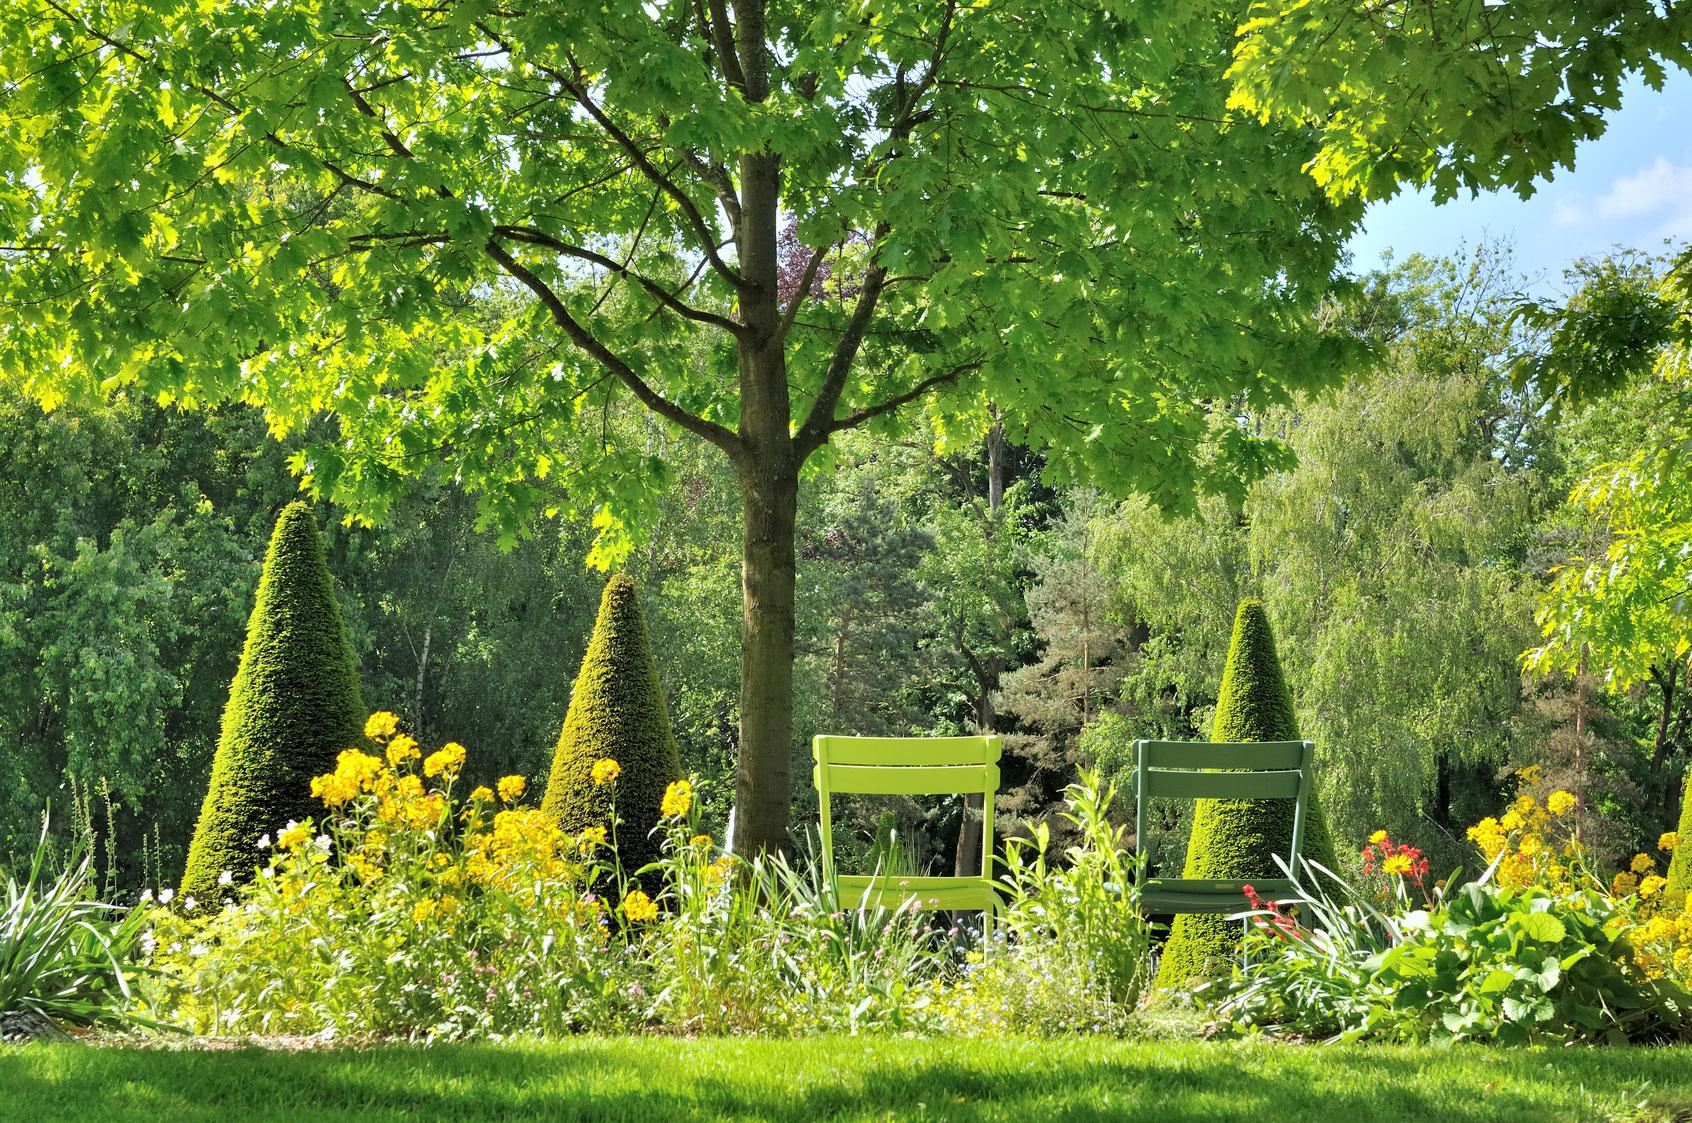 plantation création jardins espaces verts aidlib multiservices